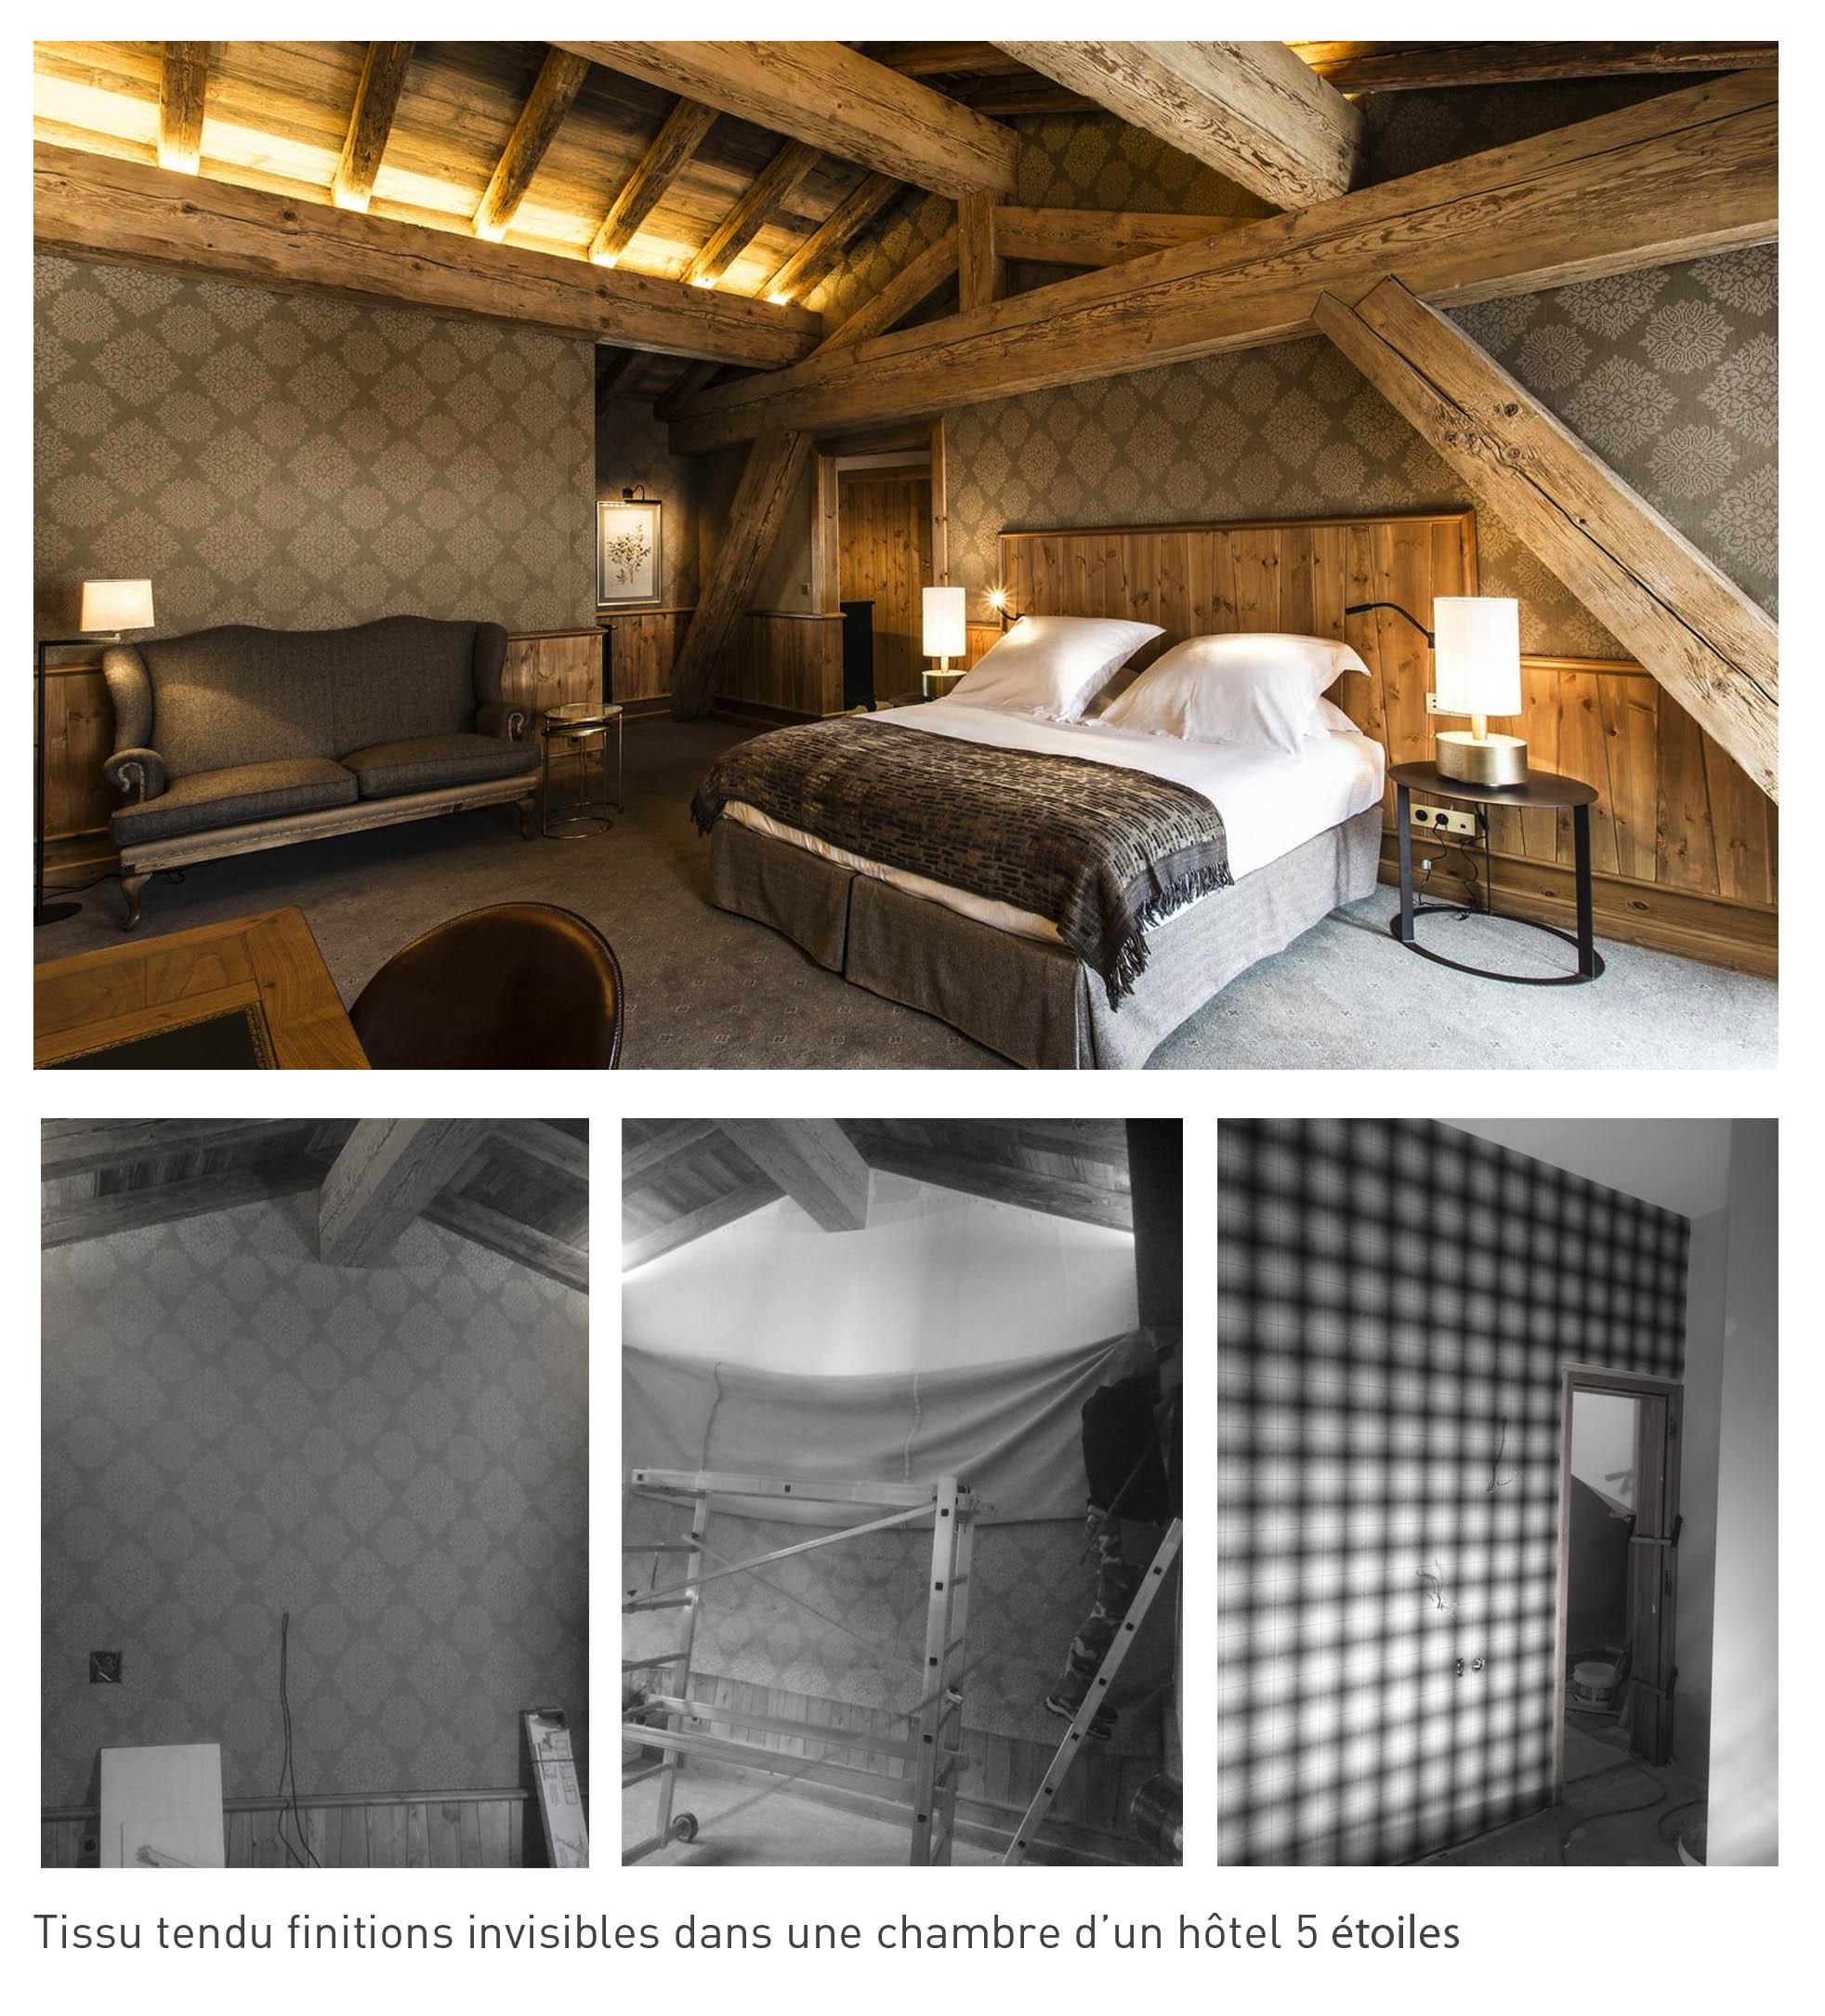 alain laure tapissier d 39 ameublement quelques r alisations. Black Bedroom Furniture Sets. Home Design Ideas